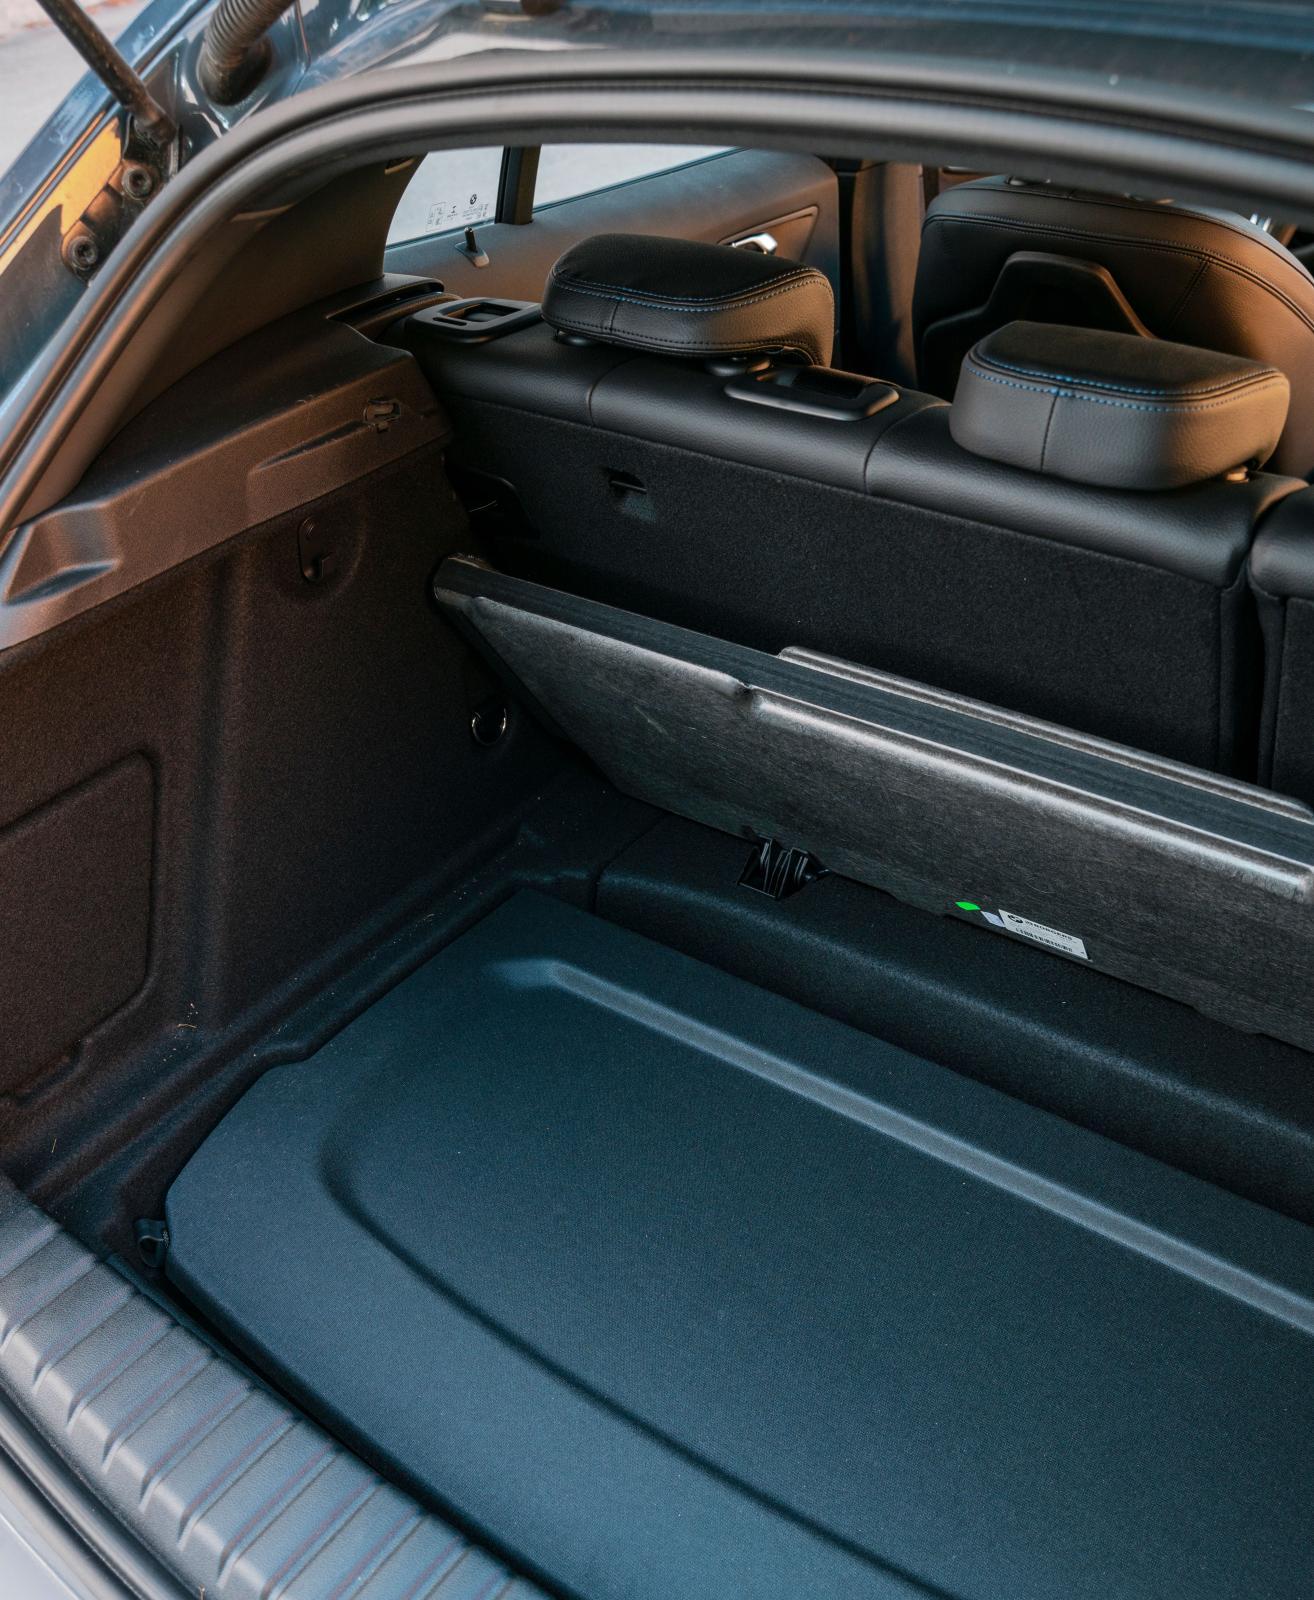 BMW:s hatthylla har en för ändamålet anpassad plats under bagagegolvet. Audi och Mercedes kan förvara hattyllorna på liknande vis.